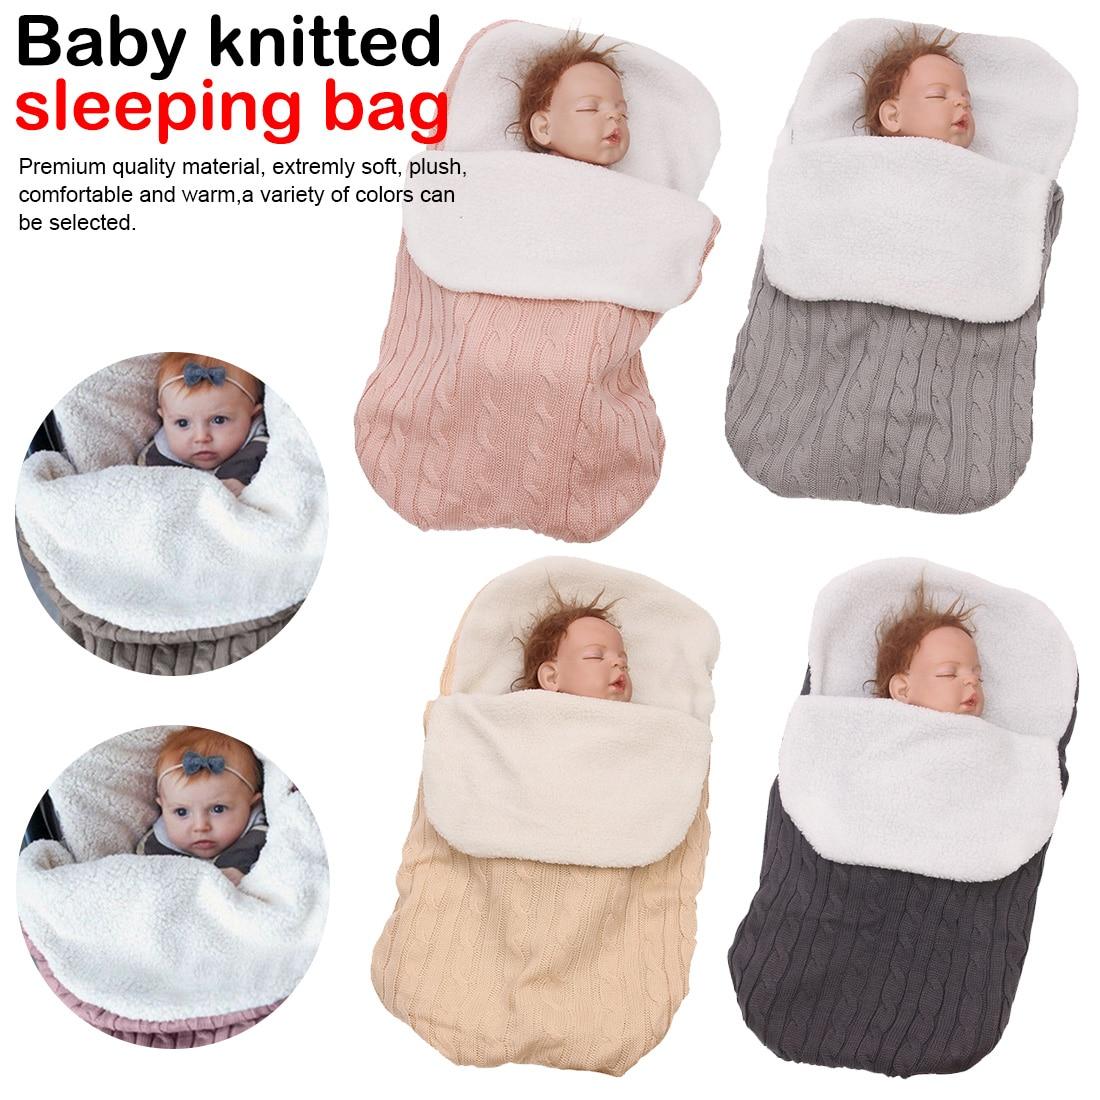 Baby Sleeping Bag Winter Kids Sleepsack Footmuff For Stroller Knitted Sleep Sack Newborn Swaddle Knit Wool Sleepbags